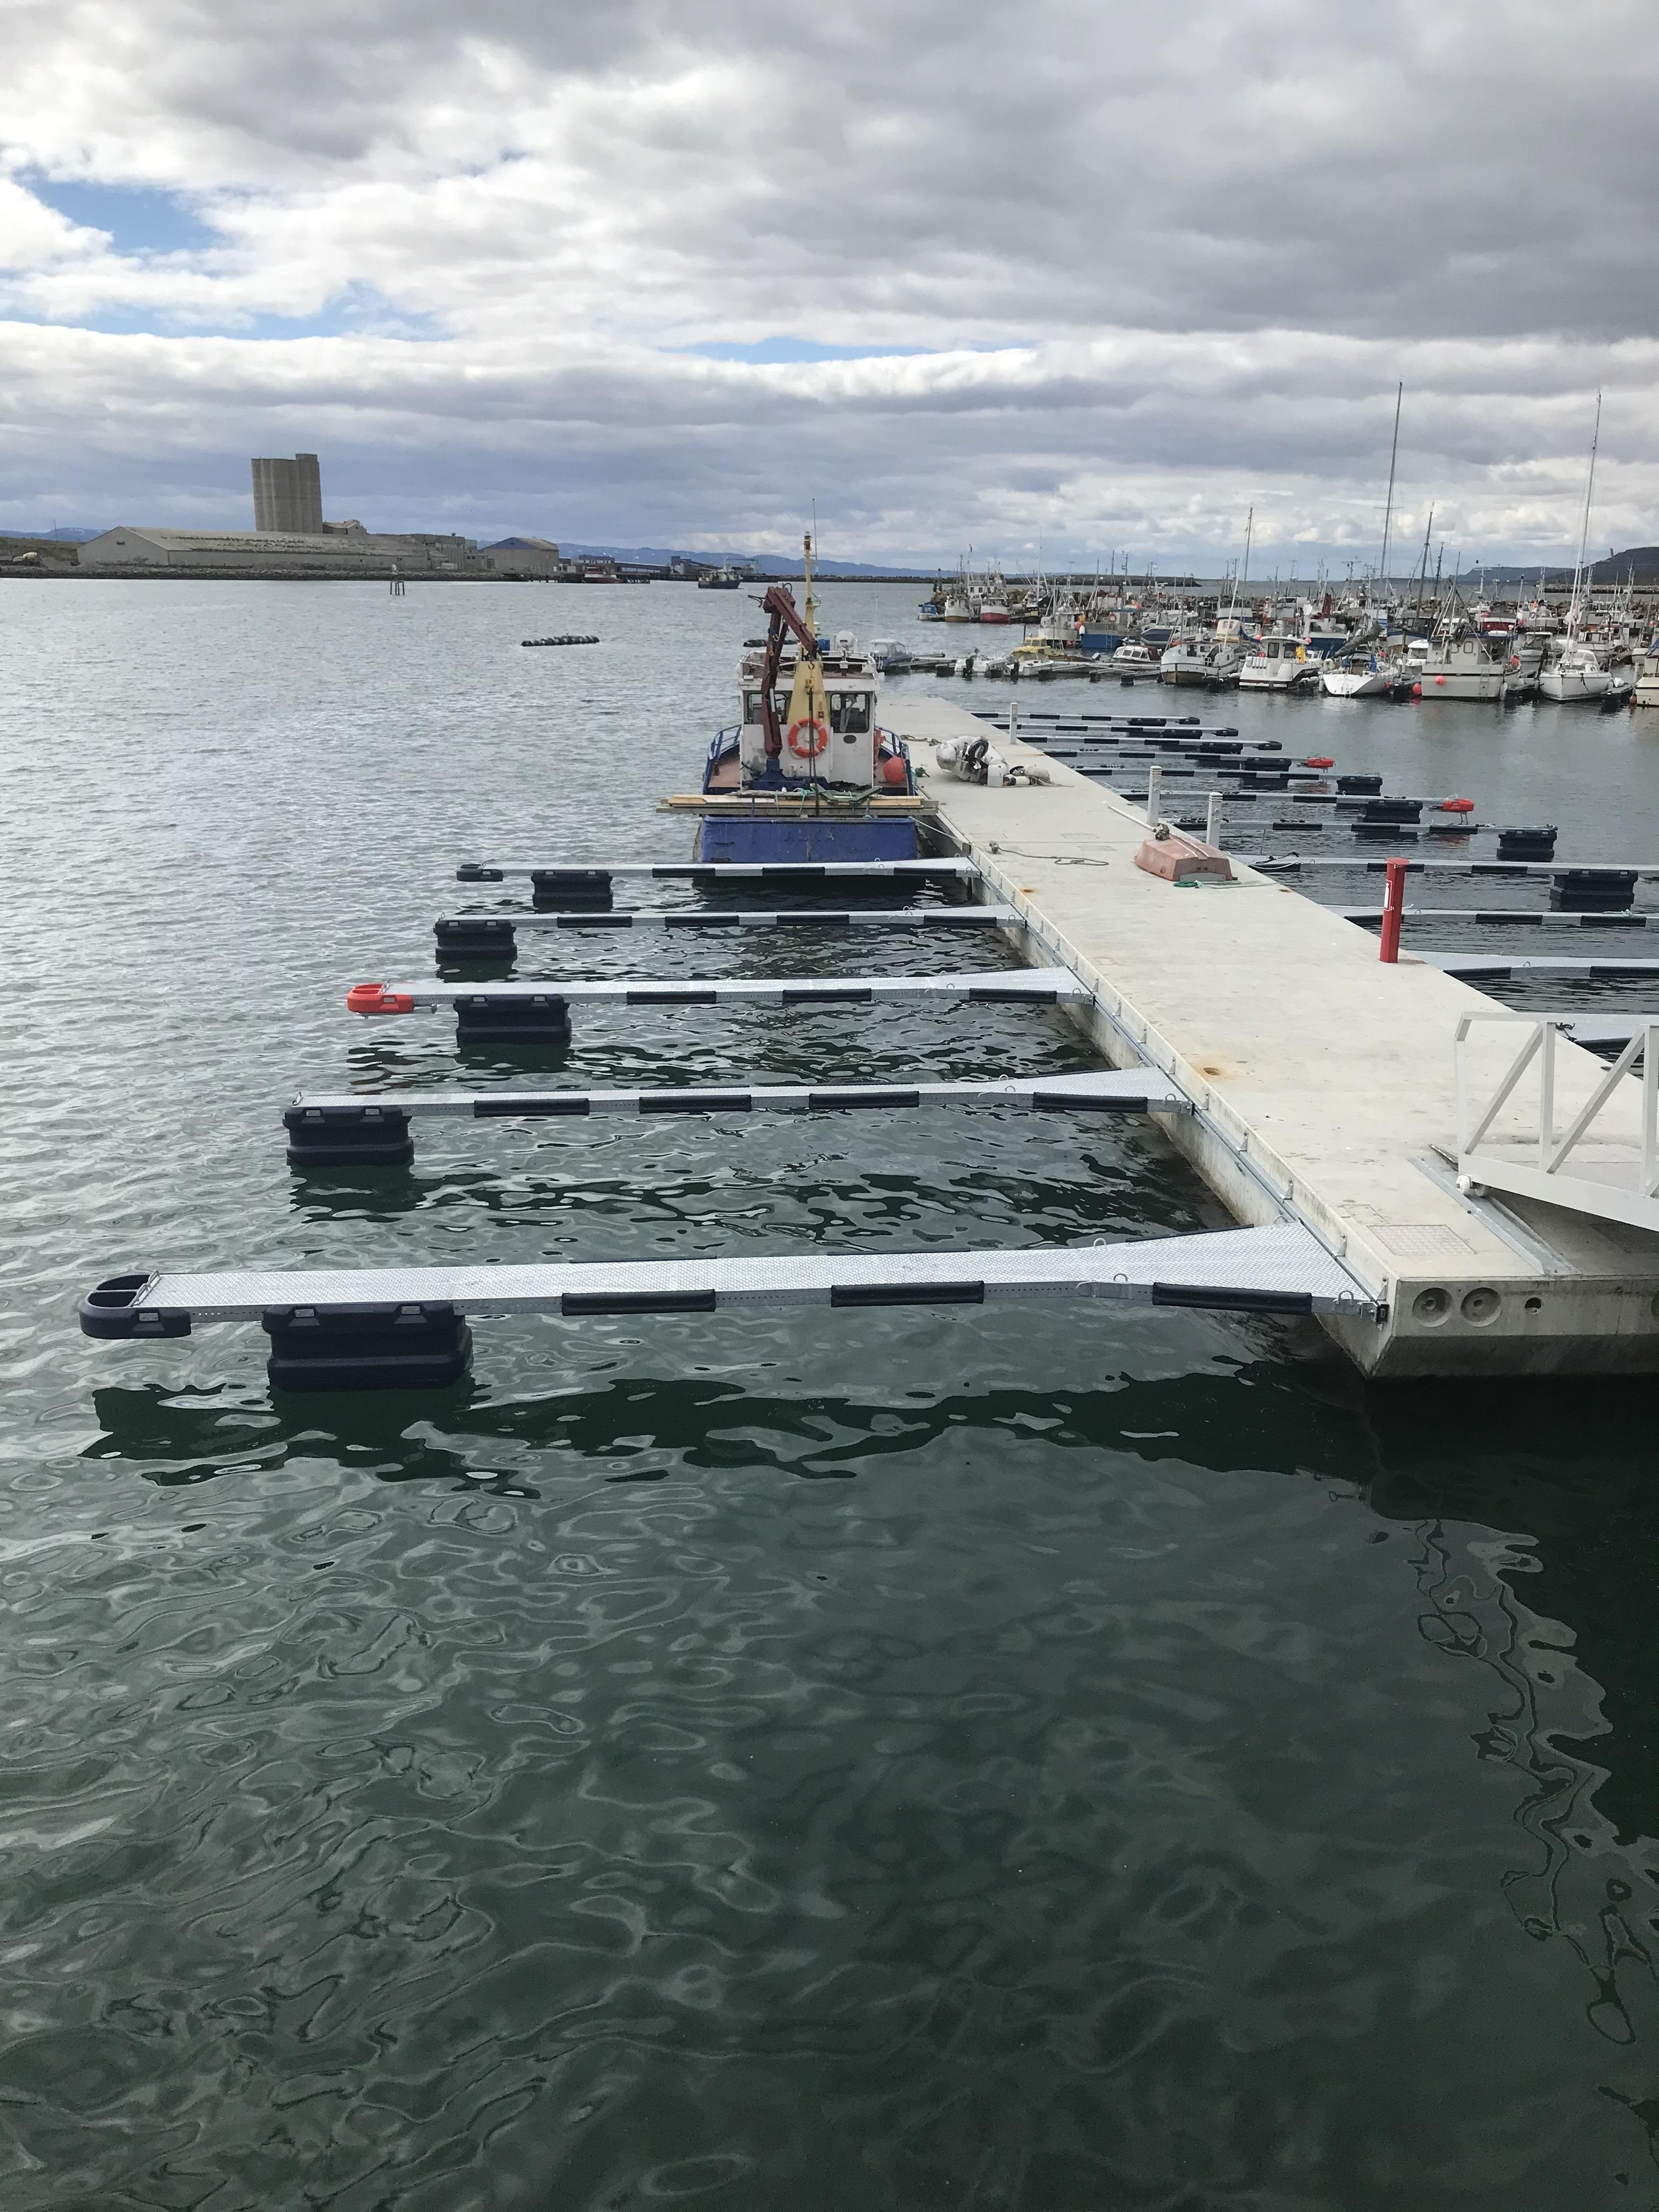 https://marinasolutions.no/uploads/Vadsø-Indre-Havn-Marina-Solutions-2.jpg